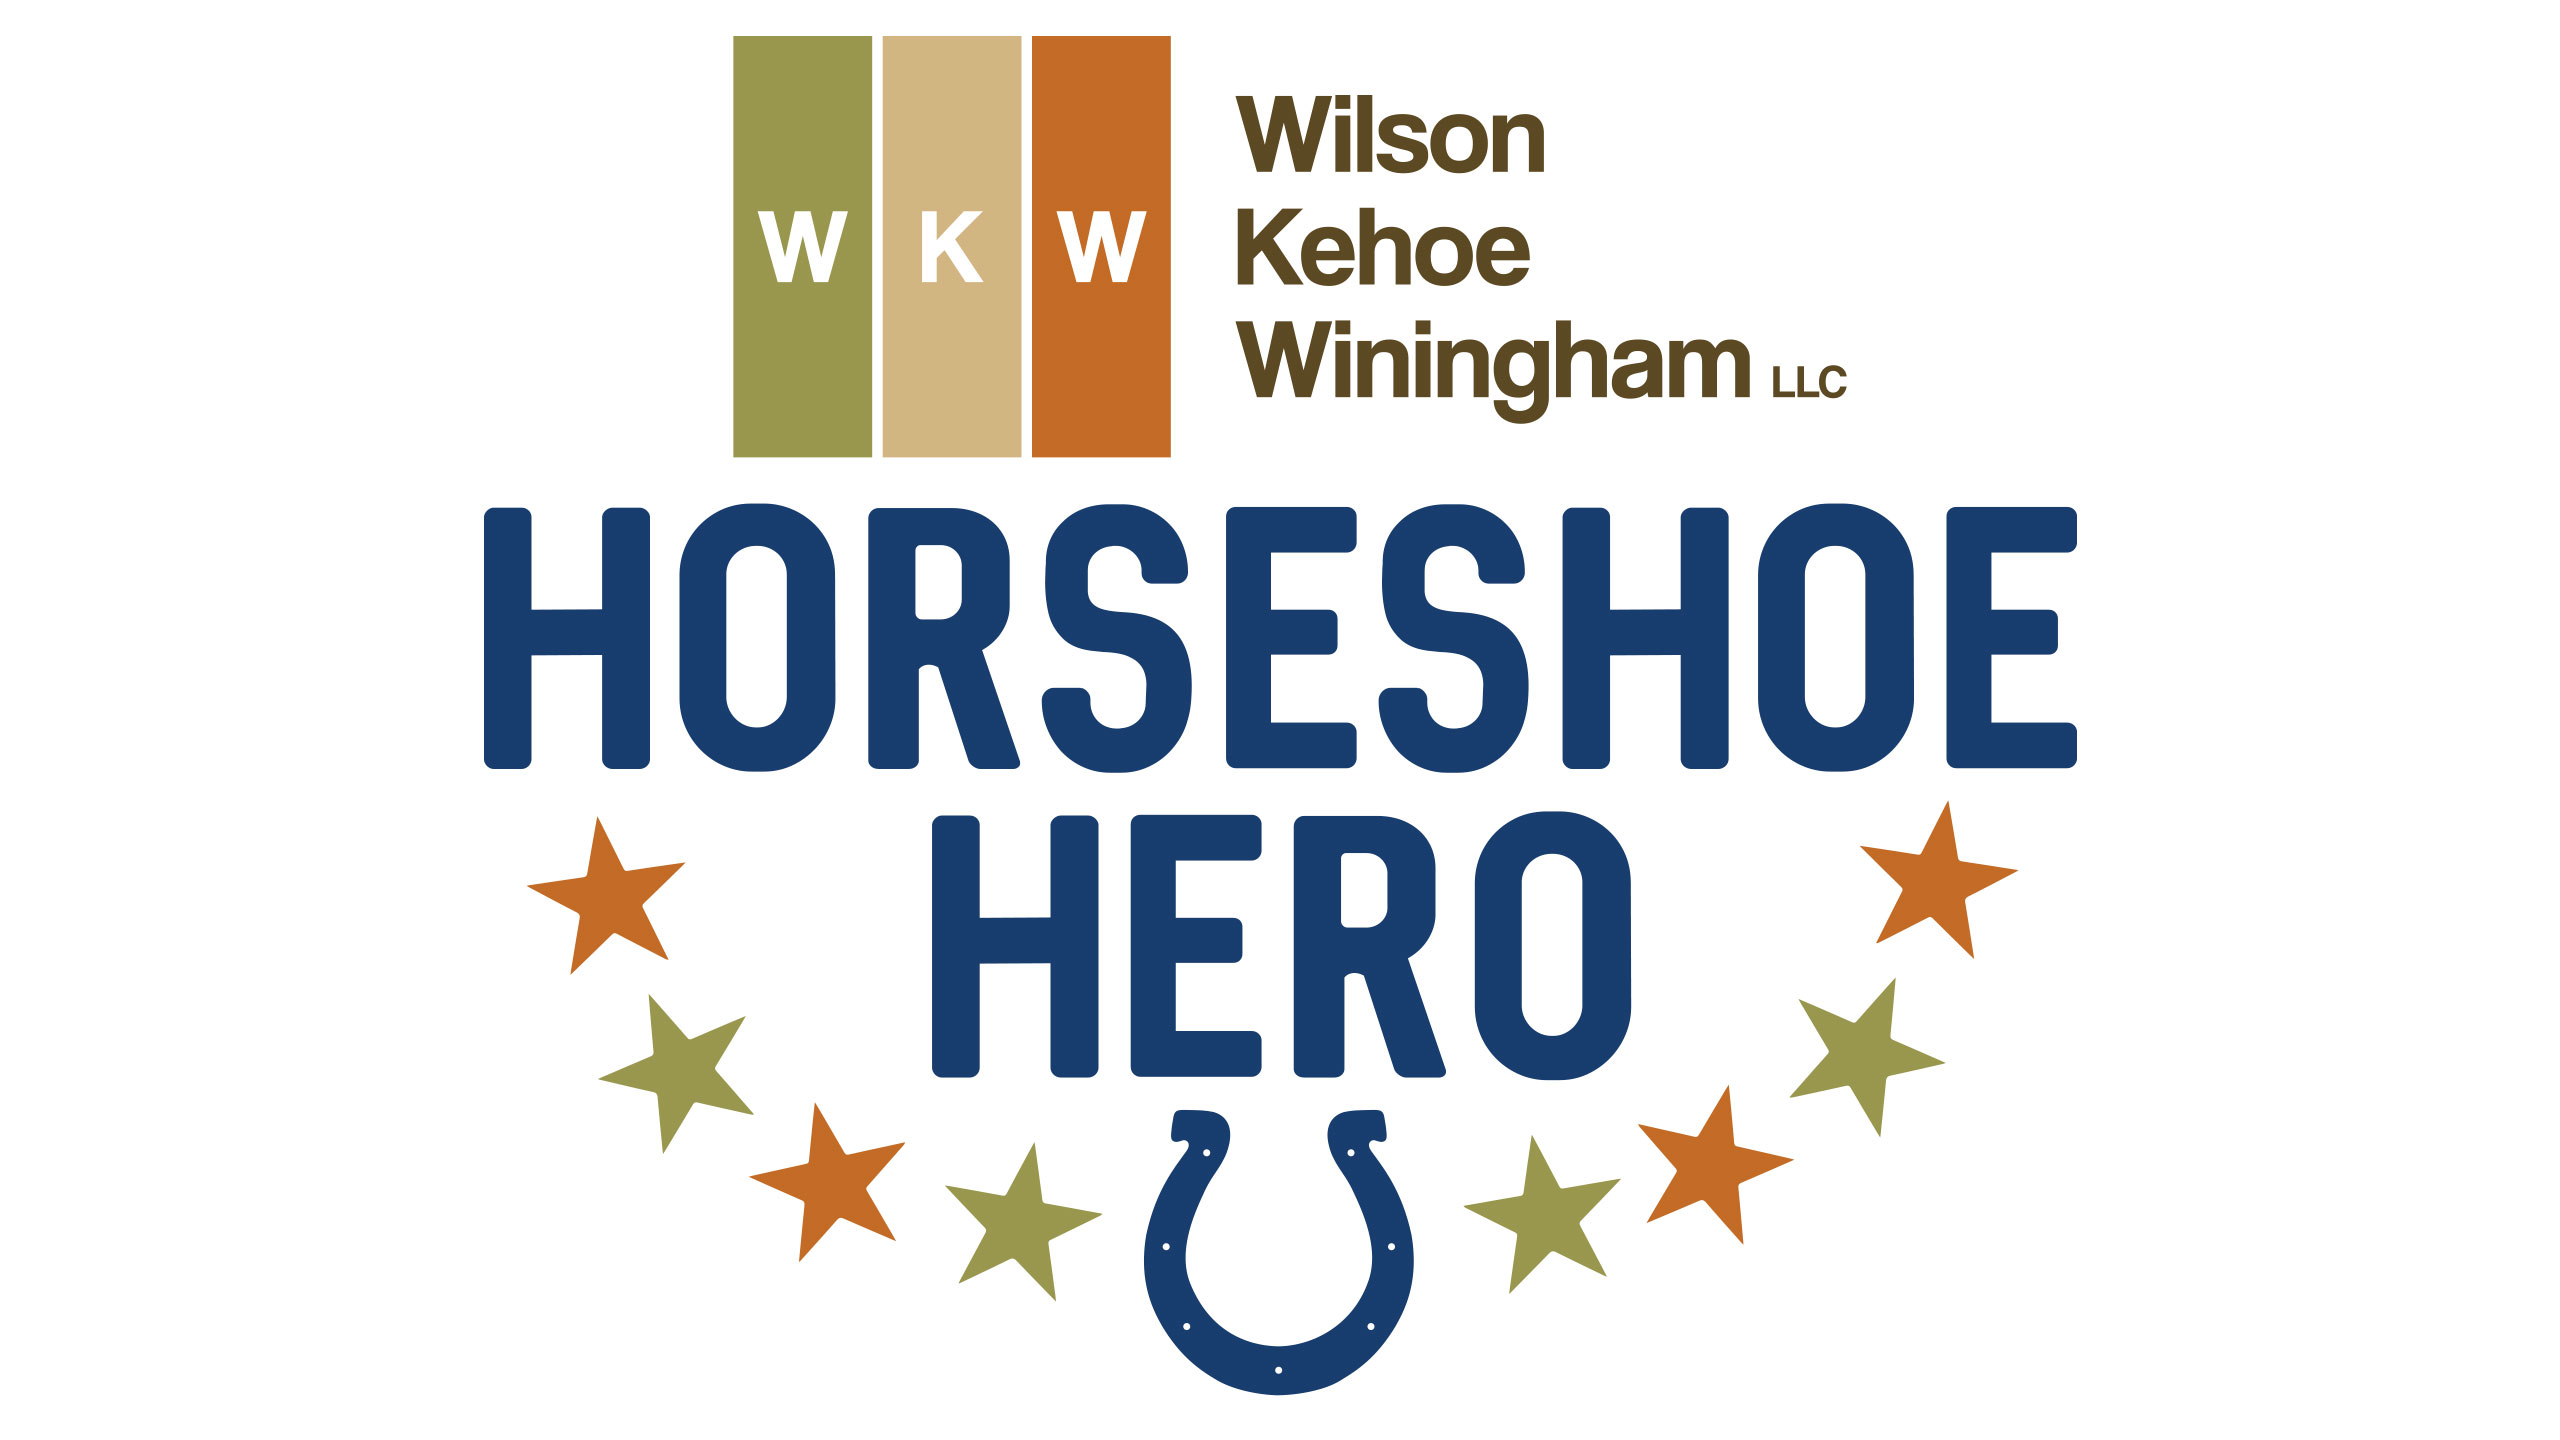 Horseshoe Hero